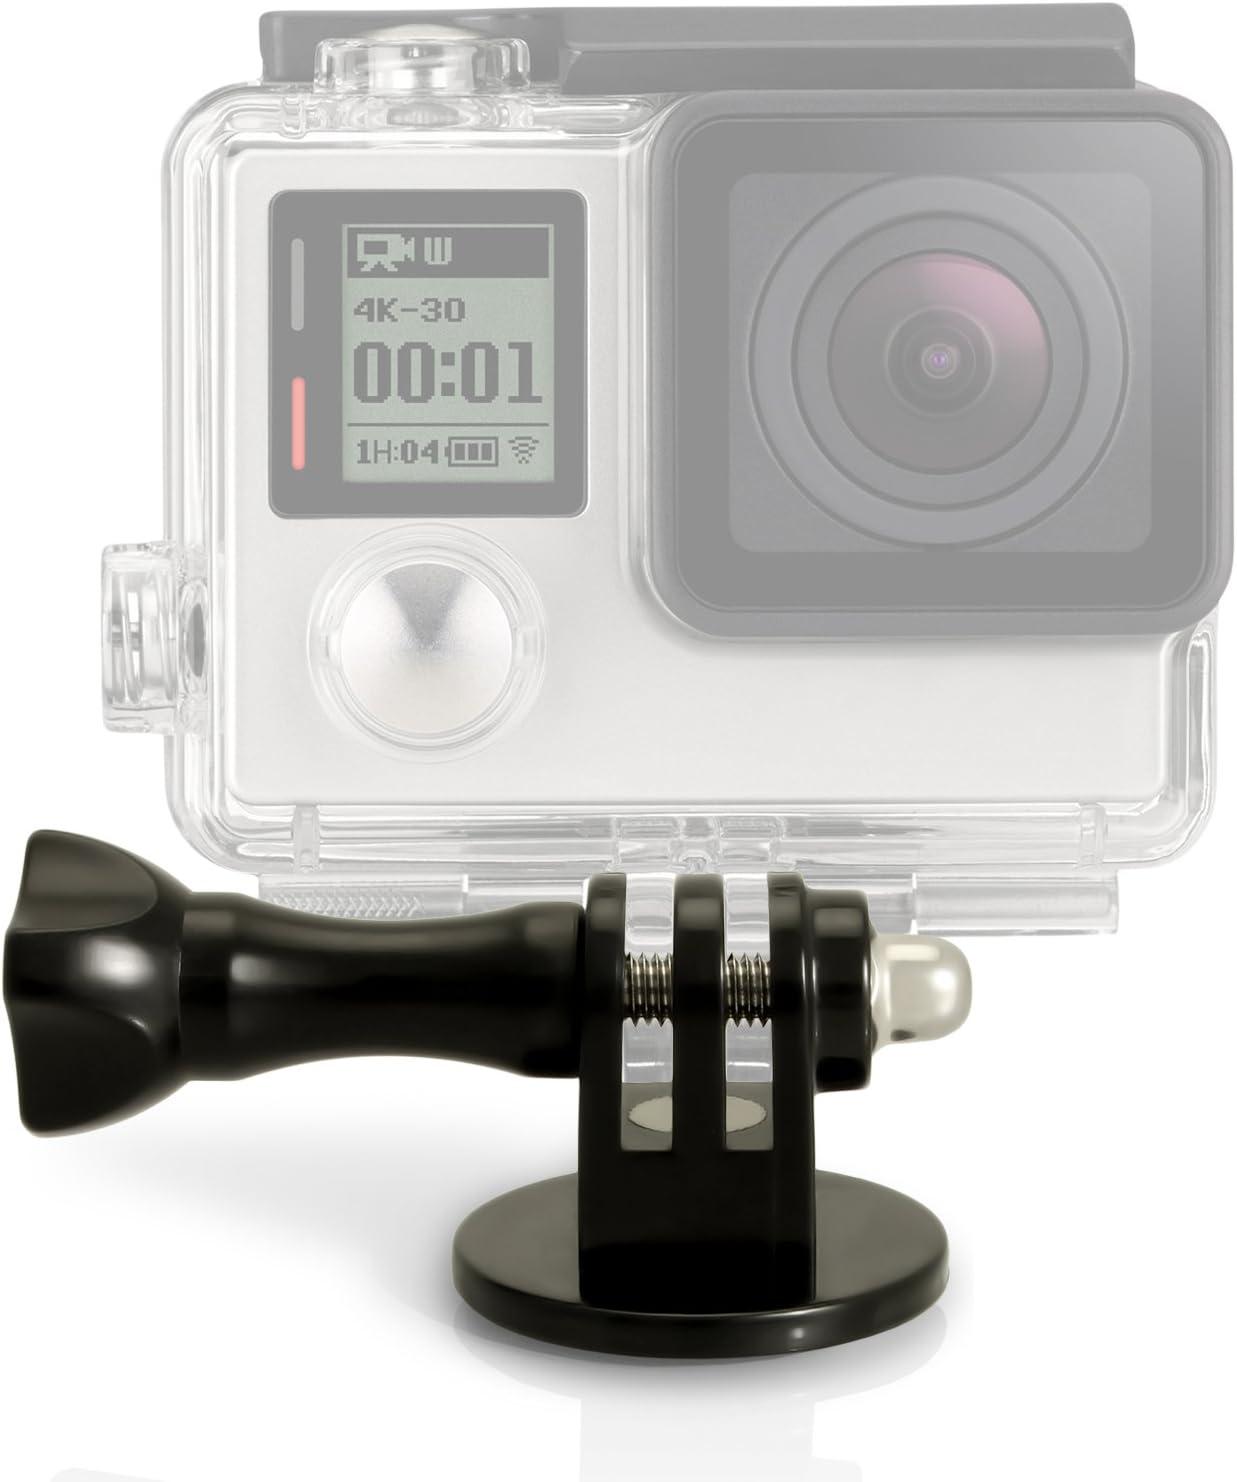 5x Cerradura Tuerca Fijación de montaje para cámara de acción Sport Gopro Hero 1 2 3 4